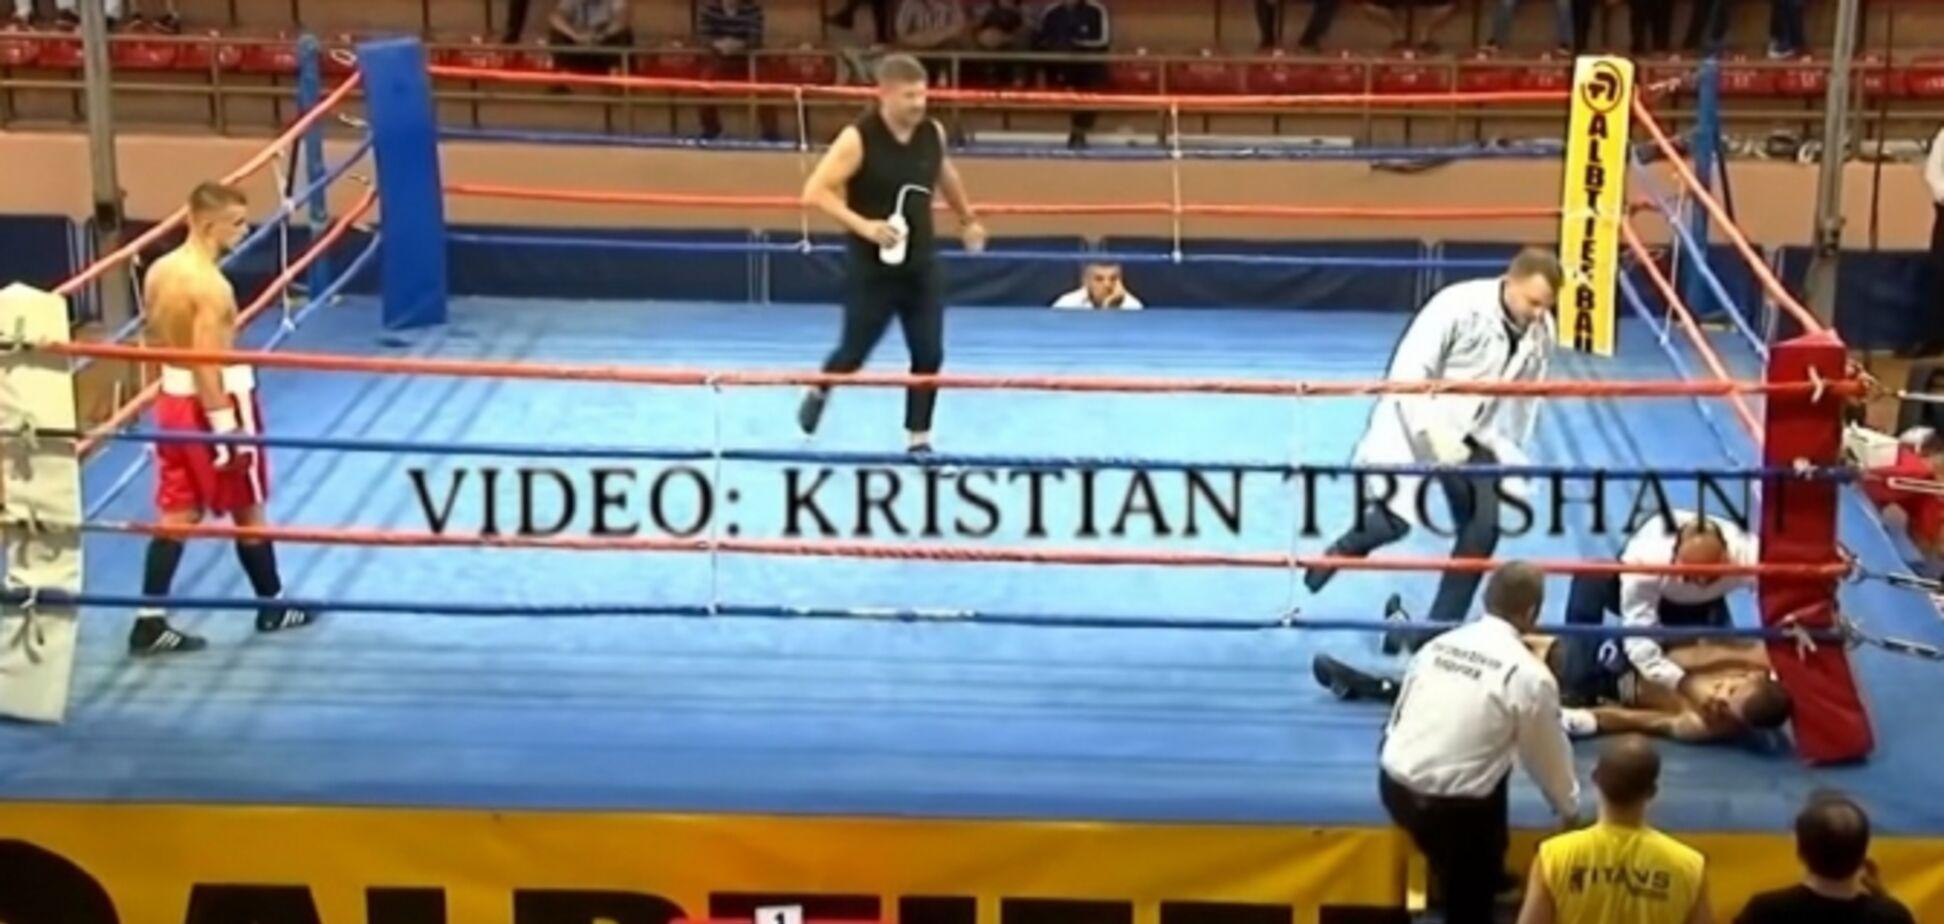 Боксер вышел на бой под чужим именем и умер: момент смерти попал на видео